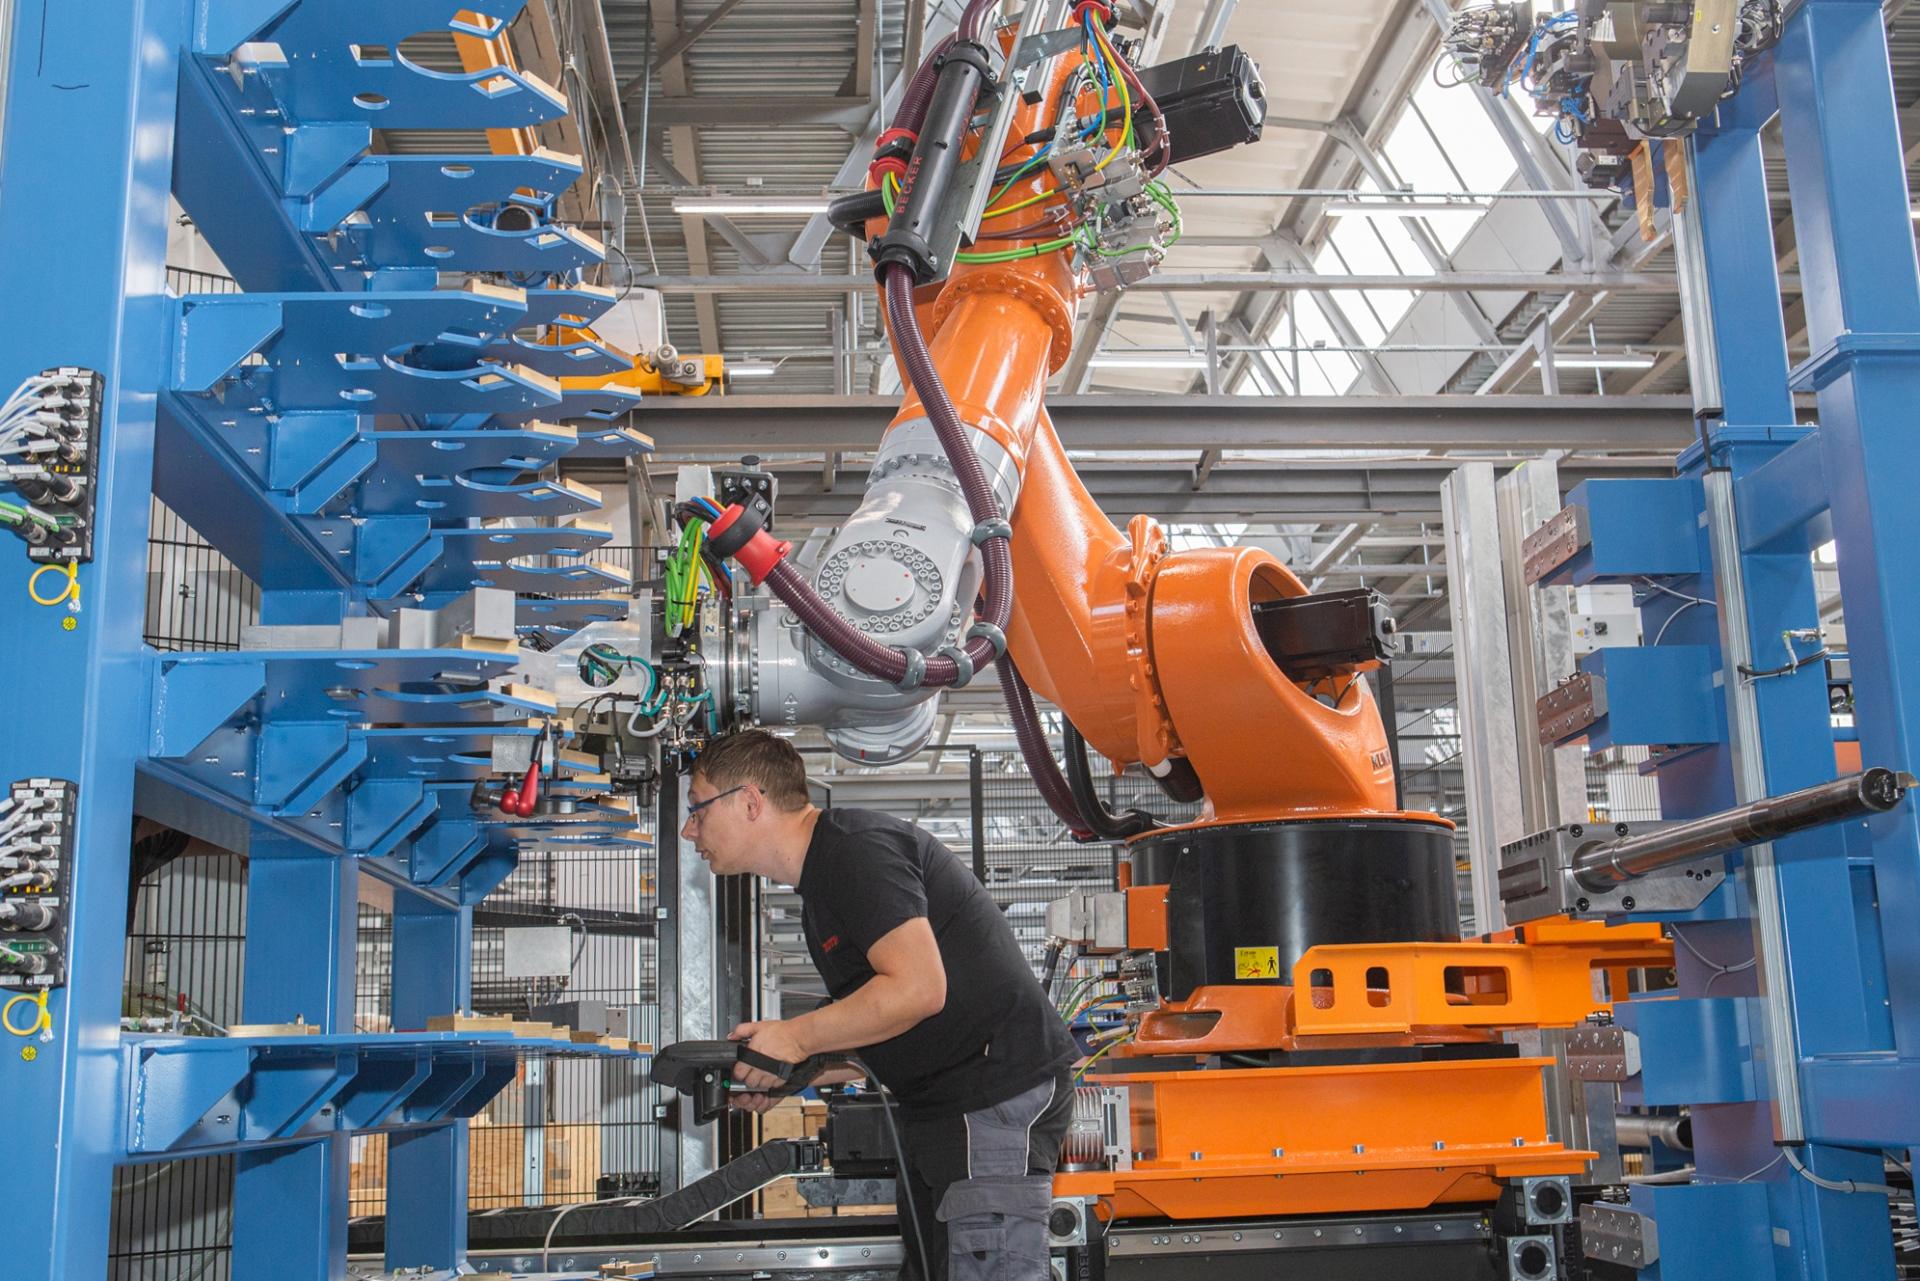 راهاندازی مرکز تخصصی تولید محور موتور در کارخانه پرم